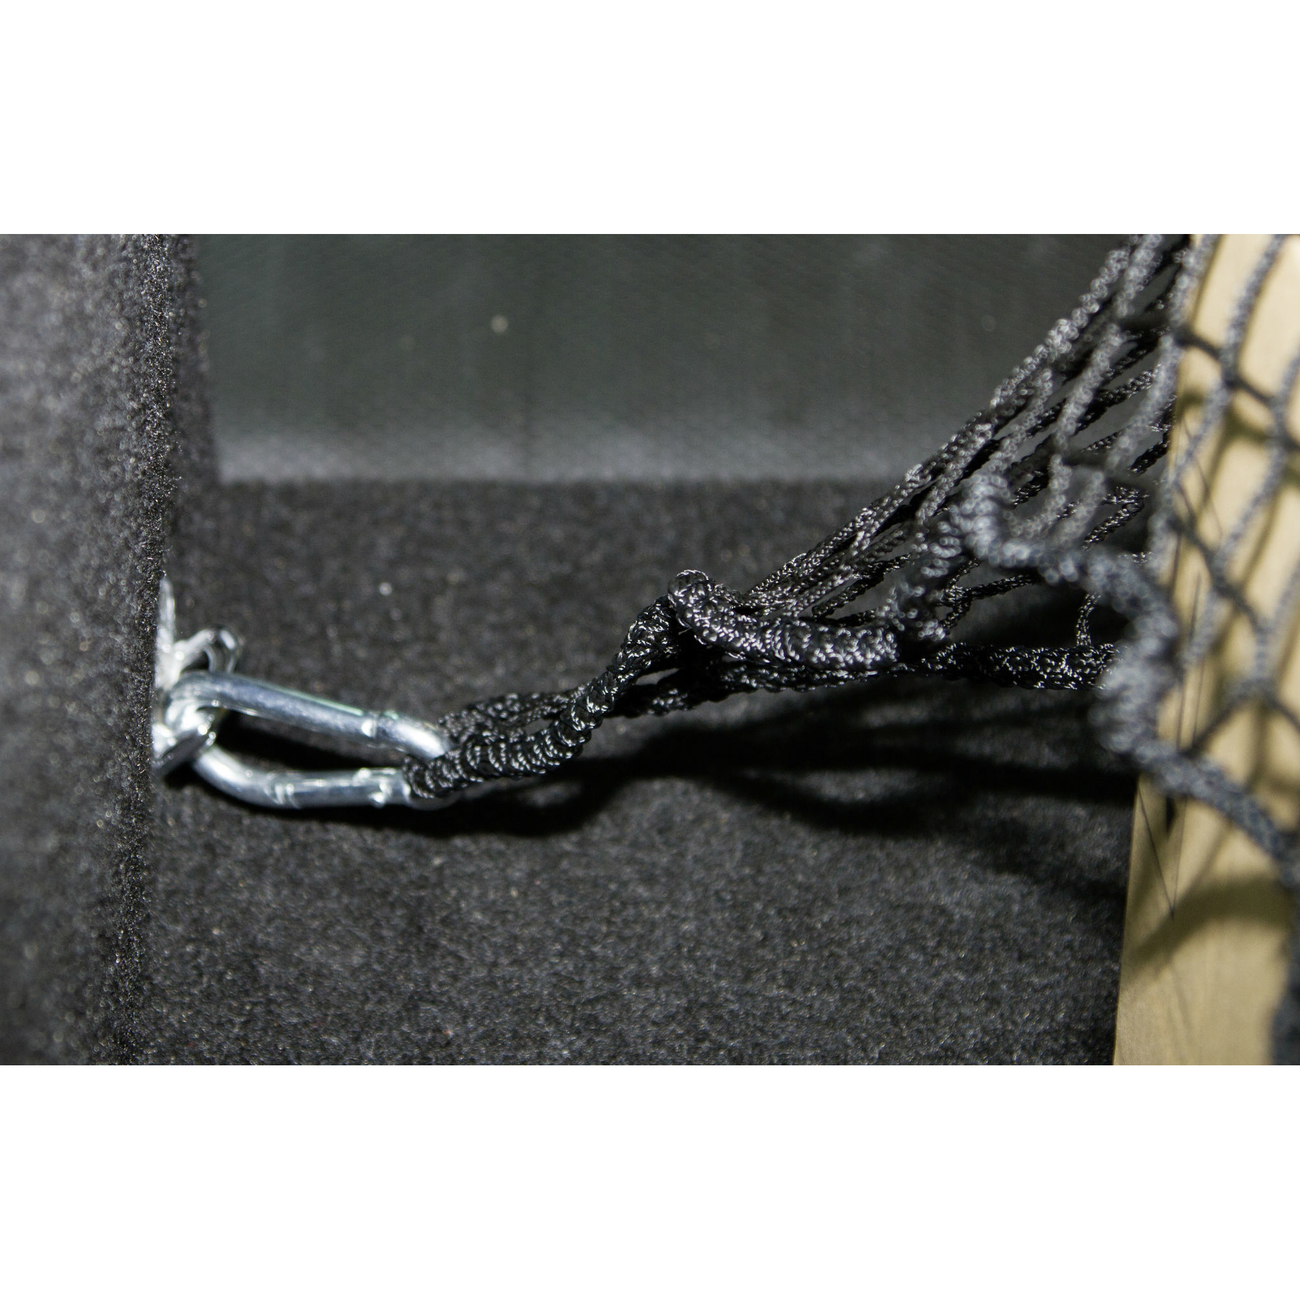 Kerbl Netz zur Ladungssicherung für Pkw und Kombi, Bild 5